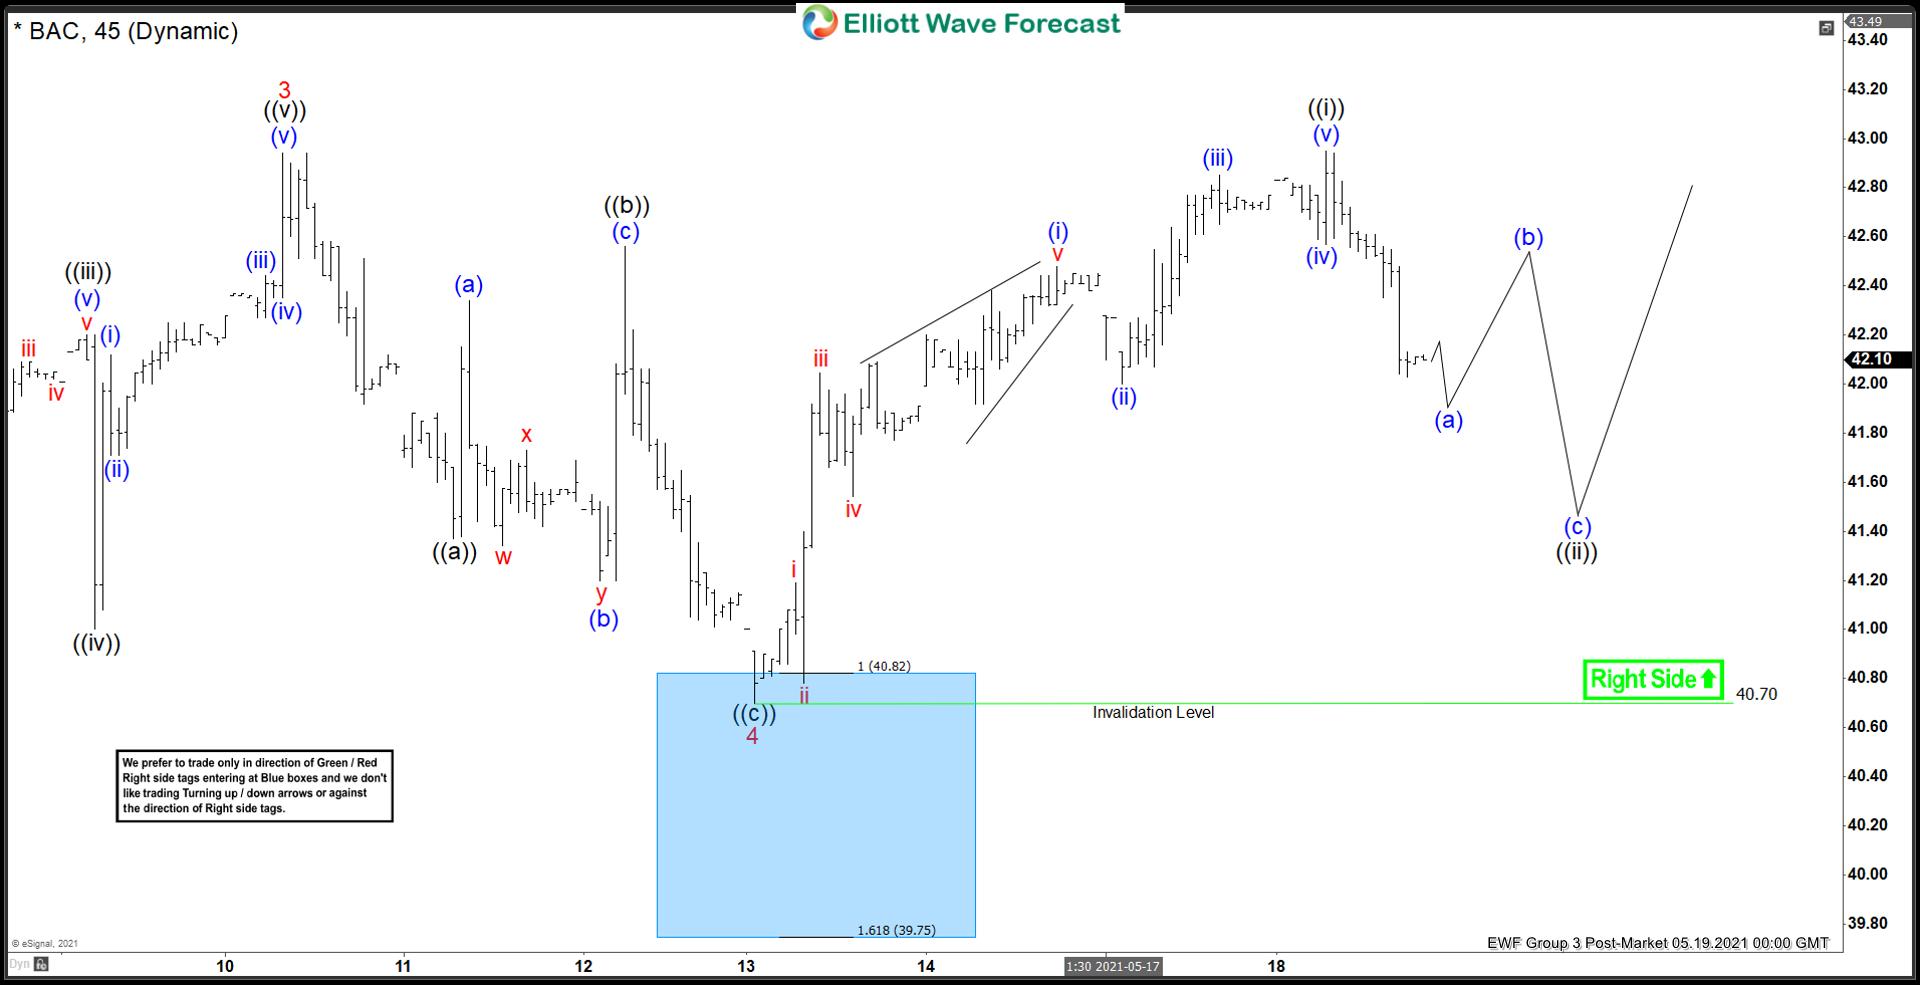 BAC Elliott Wave Chart